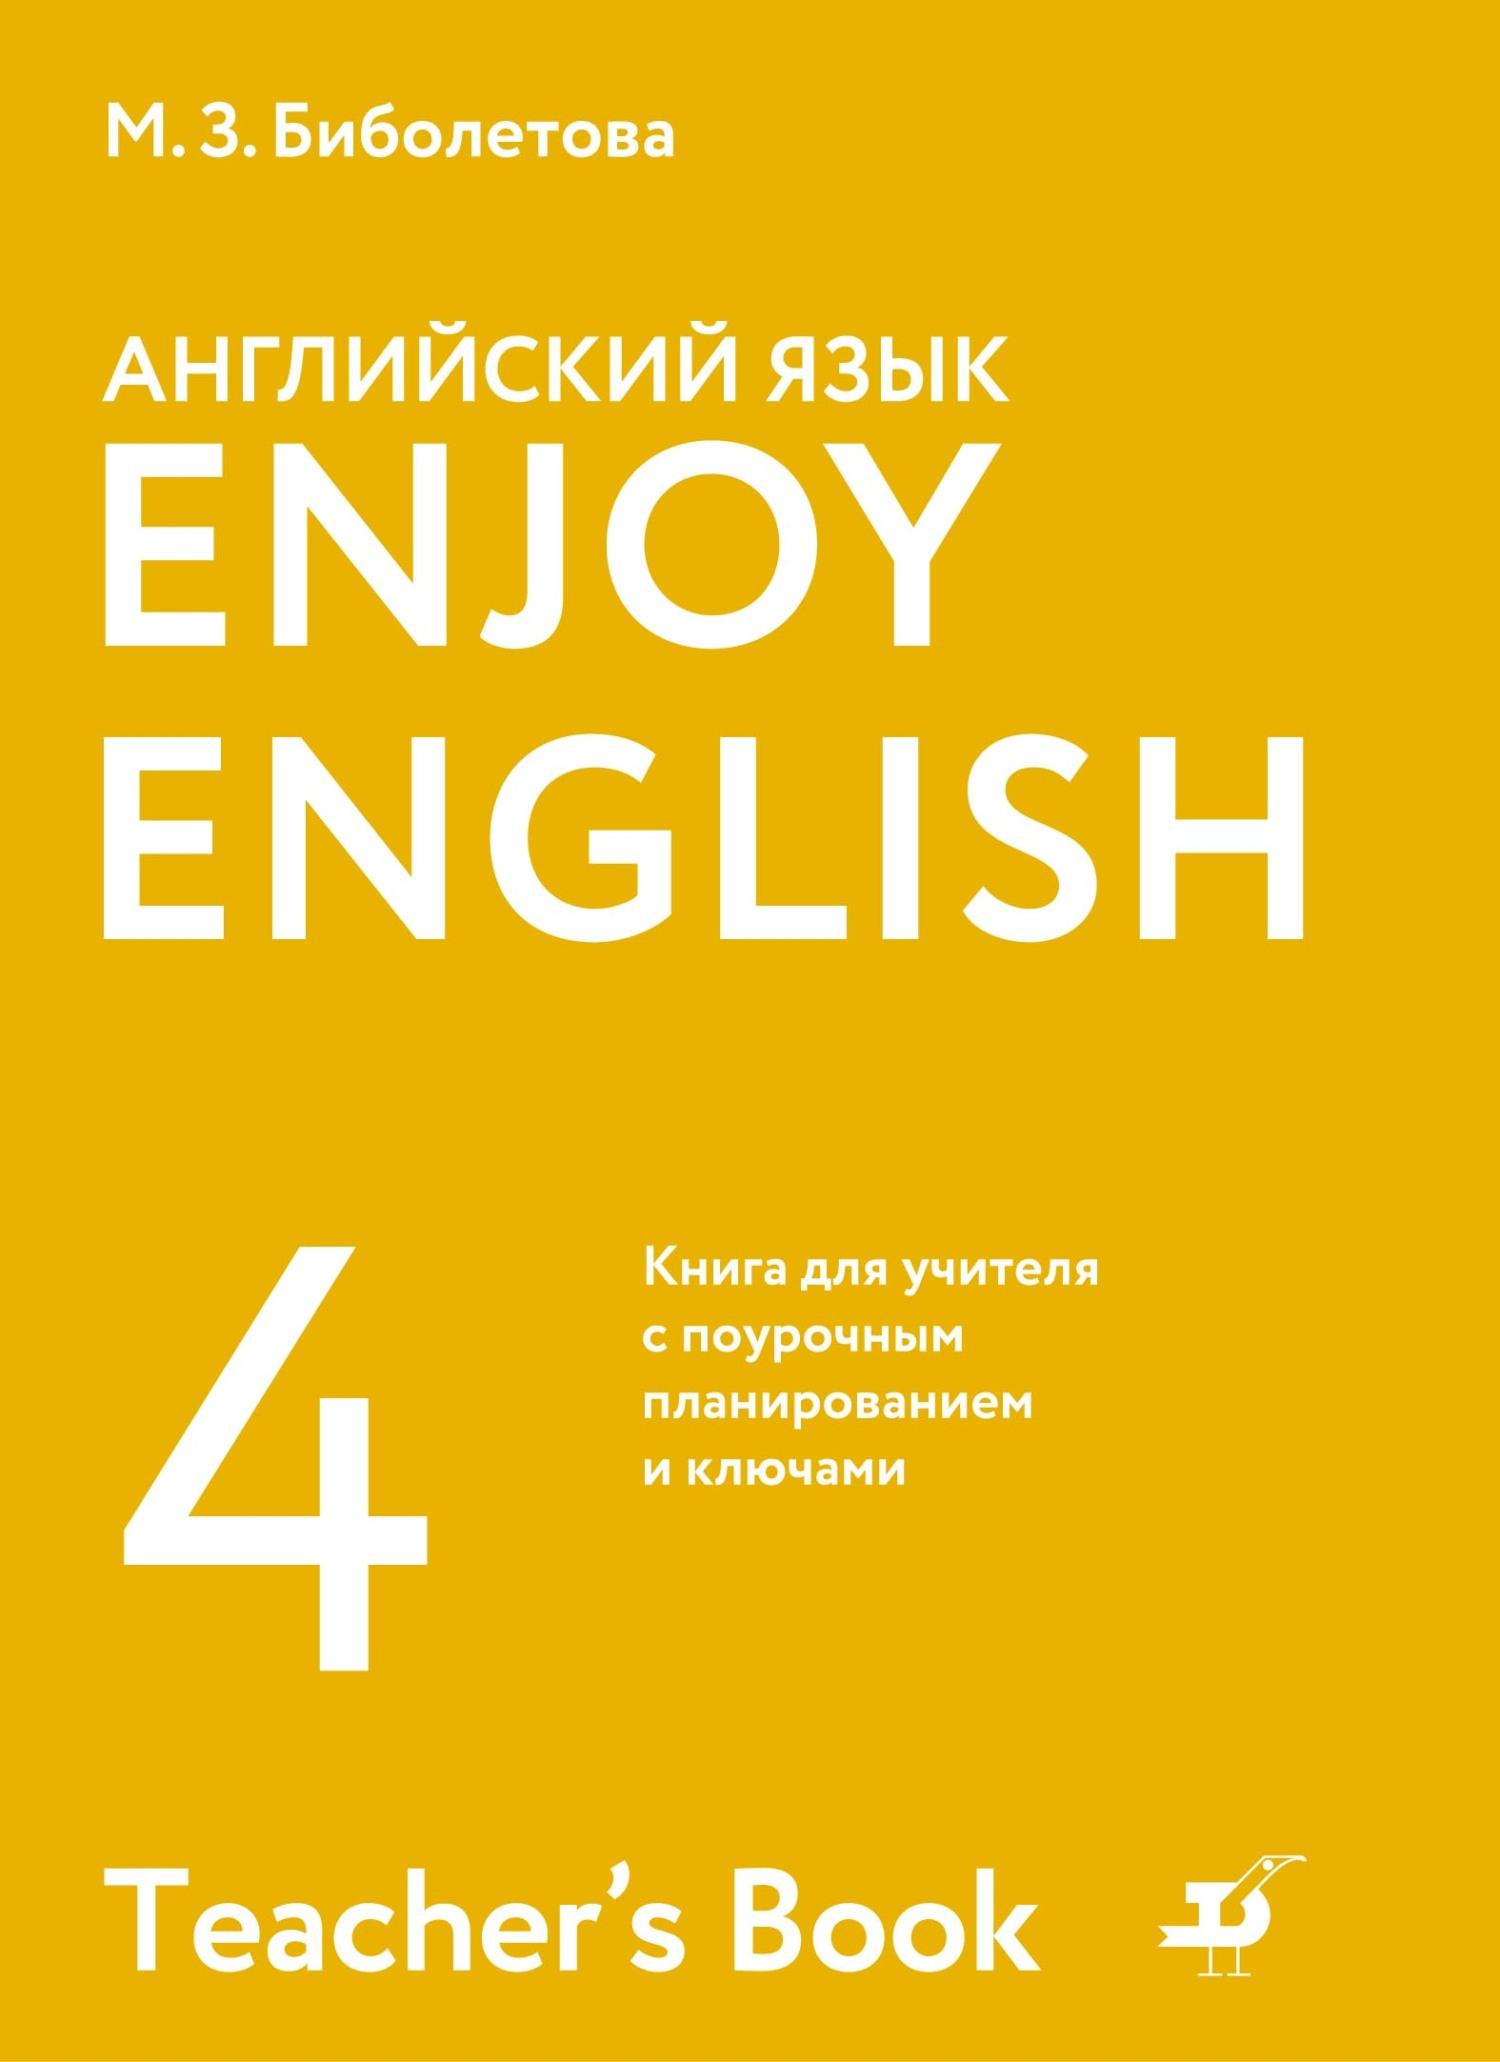 М. З. Биболетова Enjoy English / Английский с удовольствием. 4 класс. Книга для учителя english 1 класс книга для учителя